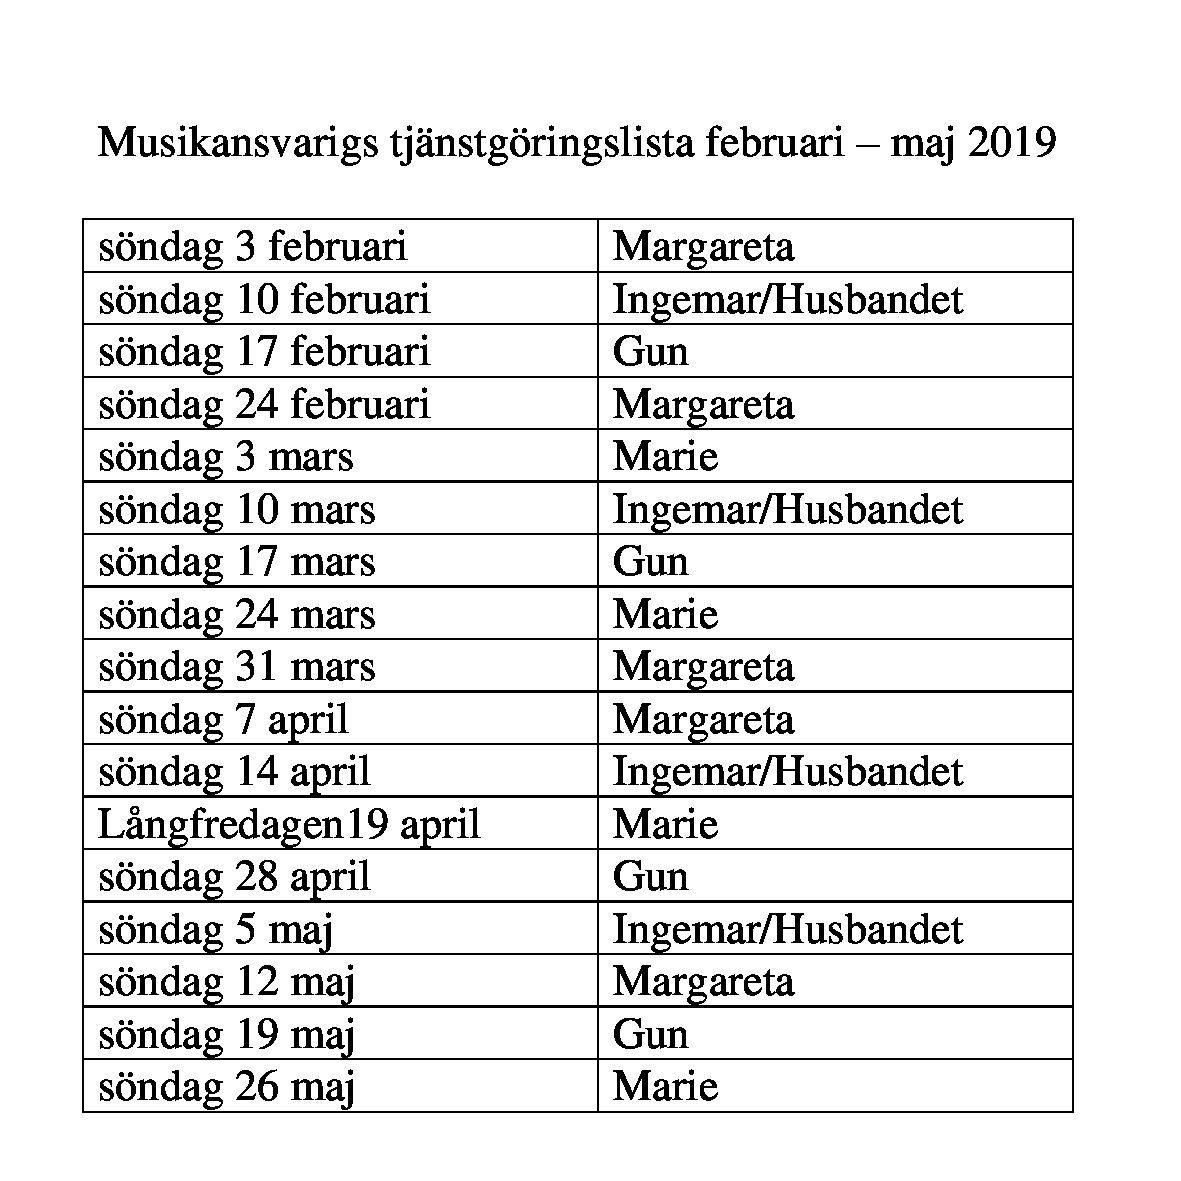 Musikansvarigs-tjänstgöringslista-februari-maj-2019